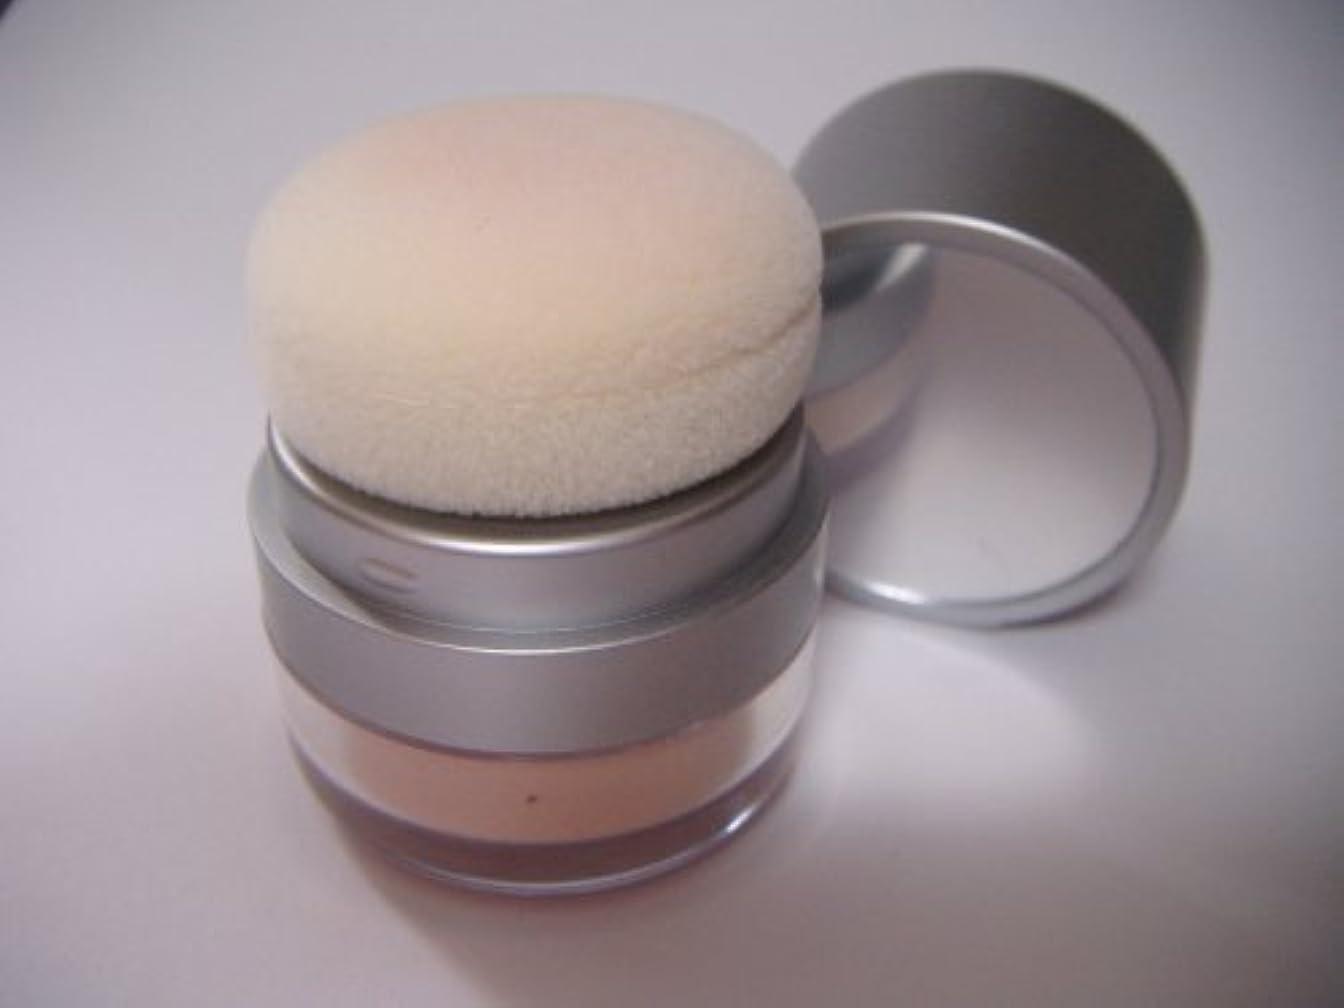 火山ピボット帽子UVプルーフブリリアントルースパウダー(8g)